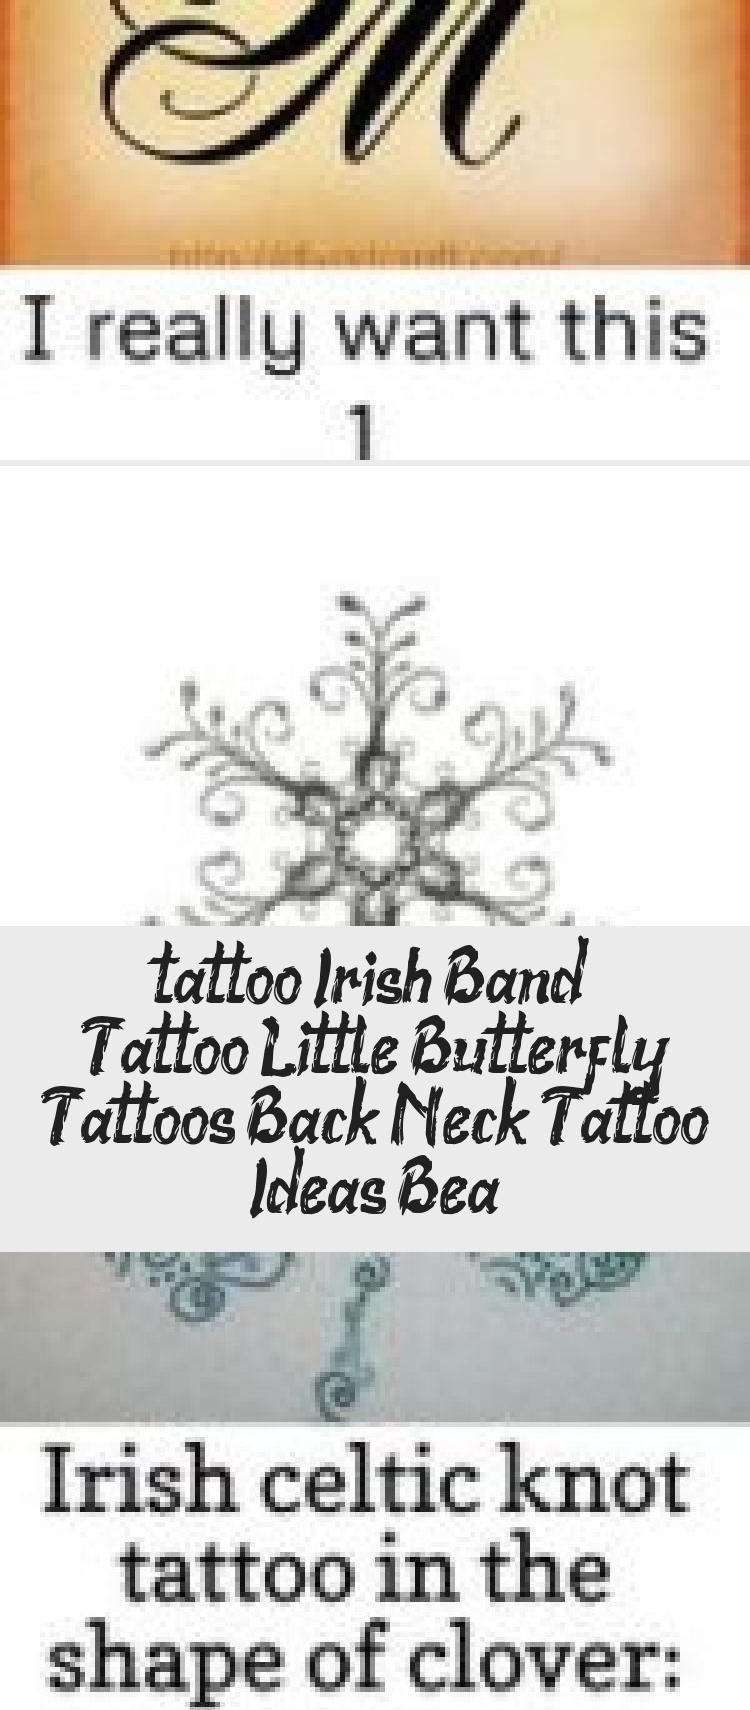 Photo of #tattoo Irish Band Tattoo, Kleine Schmetterlings-Tattoos, Tattoo-Ideen für den Nacken, Bea… – Tattoos und Körperkunst